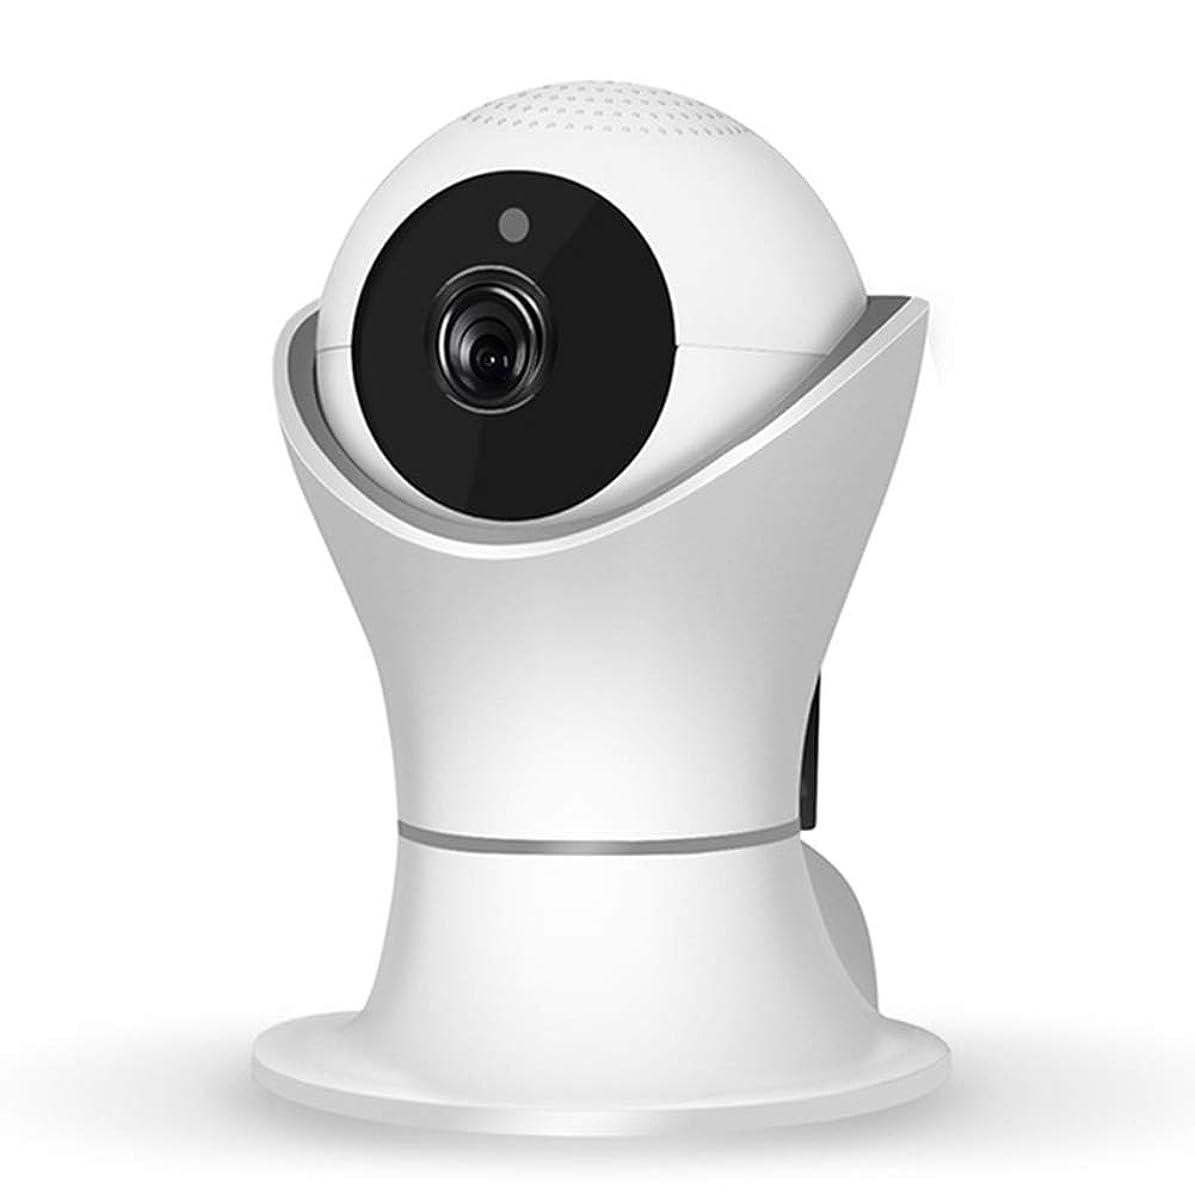 コマース君主目を覚ます1080PセキュリティWiFi IPカメラワイヤレスネットワークカメラCCTVカメラ監視P2Pナイトビジョンベビーモニターカメラ